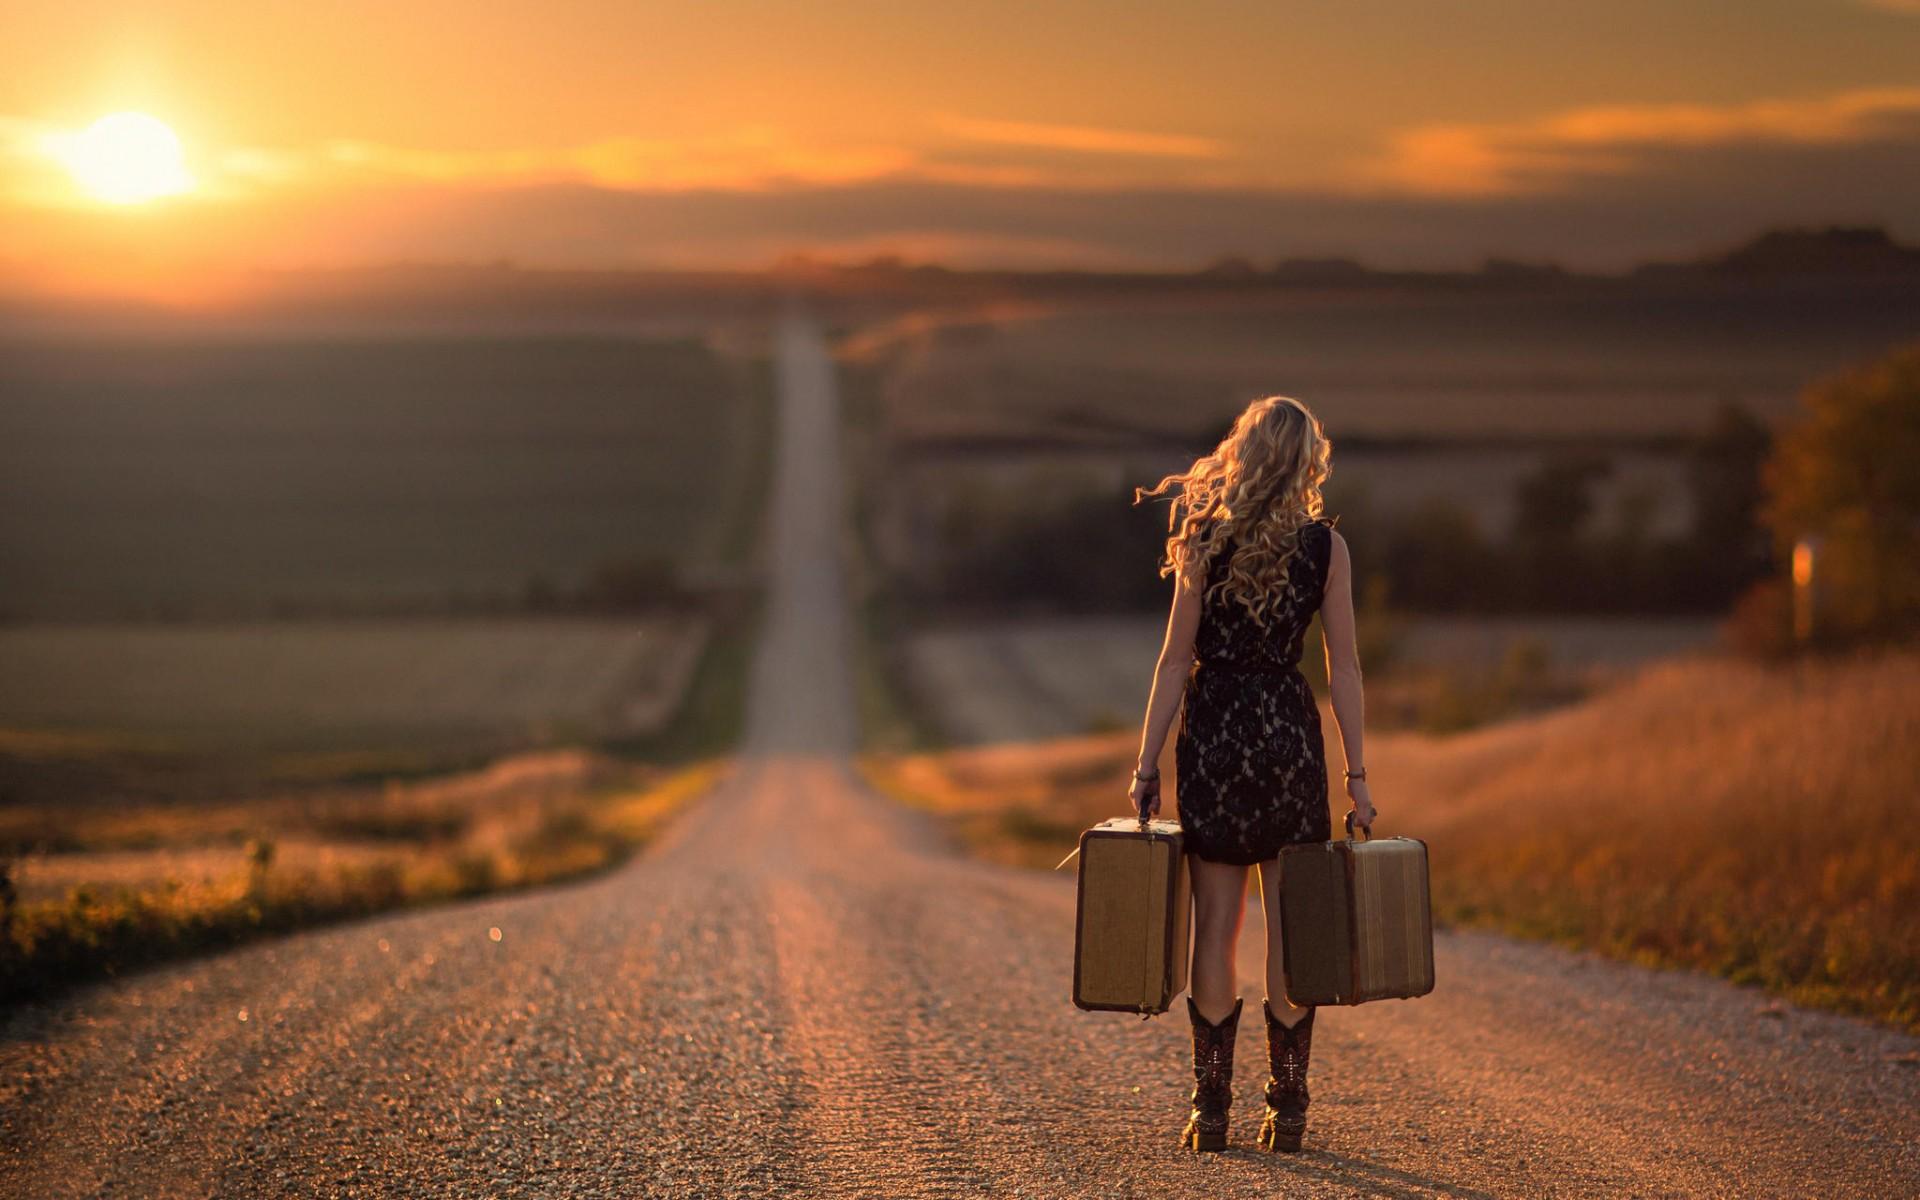 mujer camina por la carretera con dos maletas